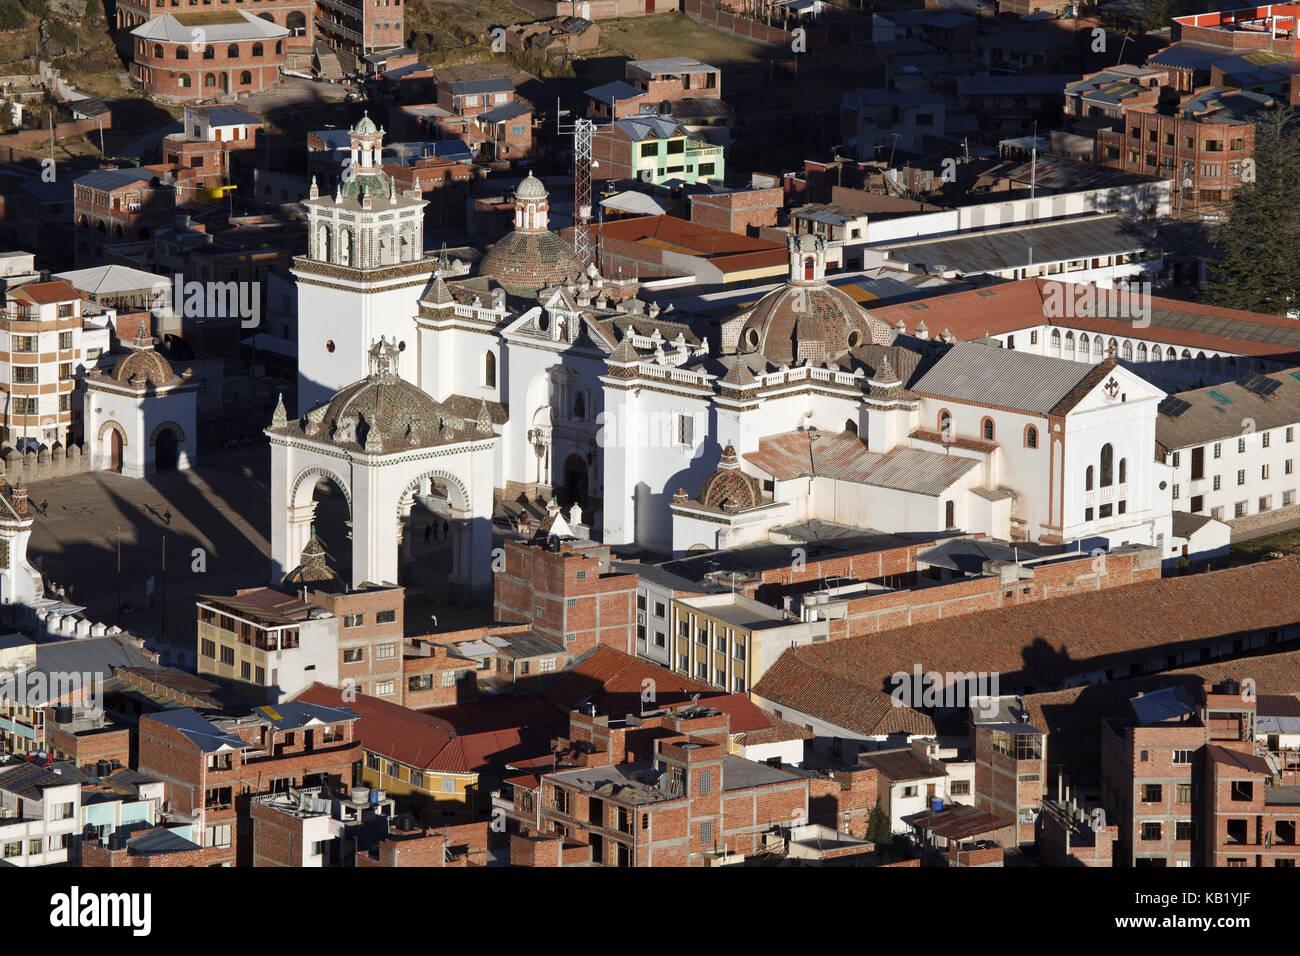 Bolivia, Titicacasee, Copacabana, townscape, Basilica de la Virgen de la Candelaria, - Stock Image